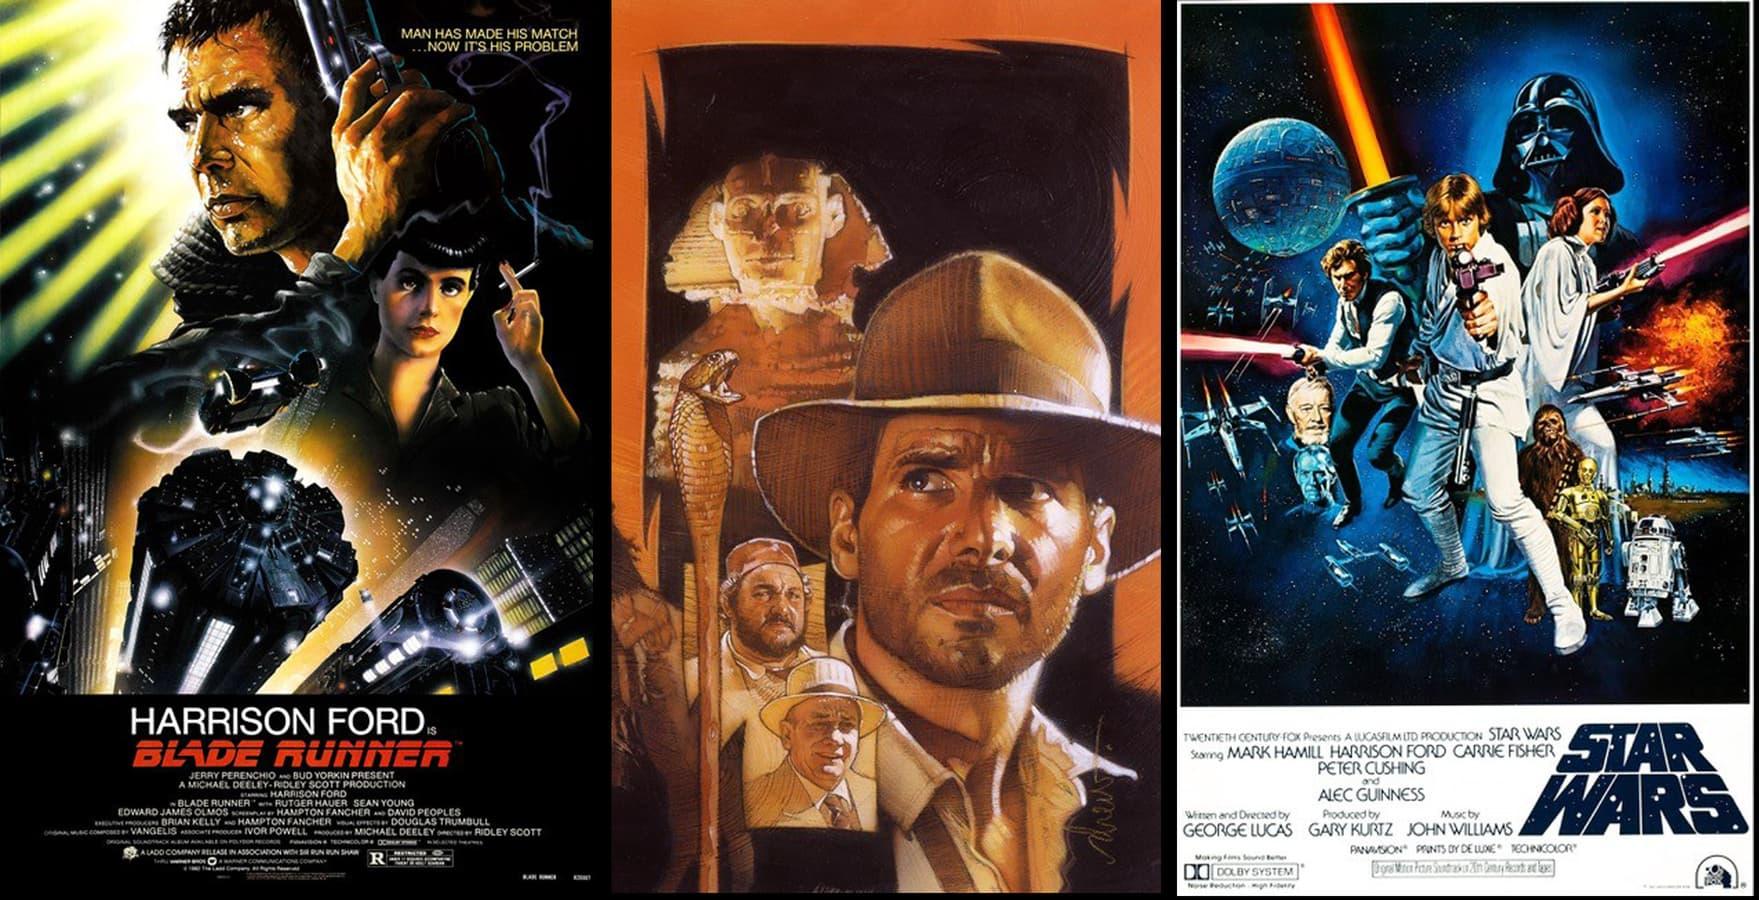 Blade Runner, Indiana Jones, Star Wars posters